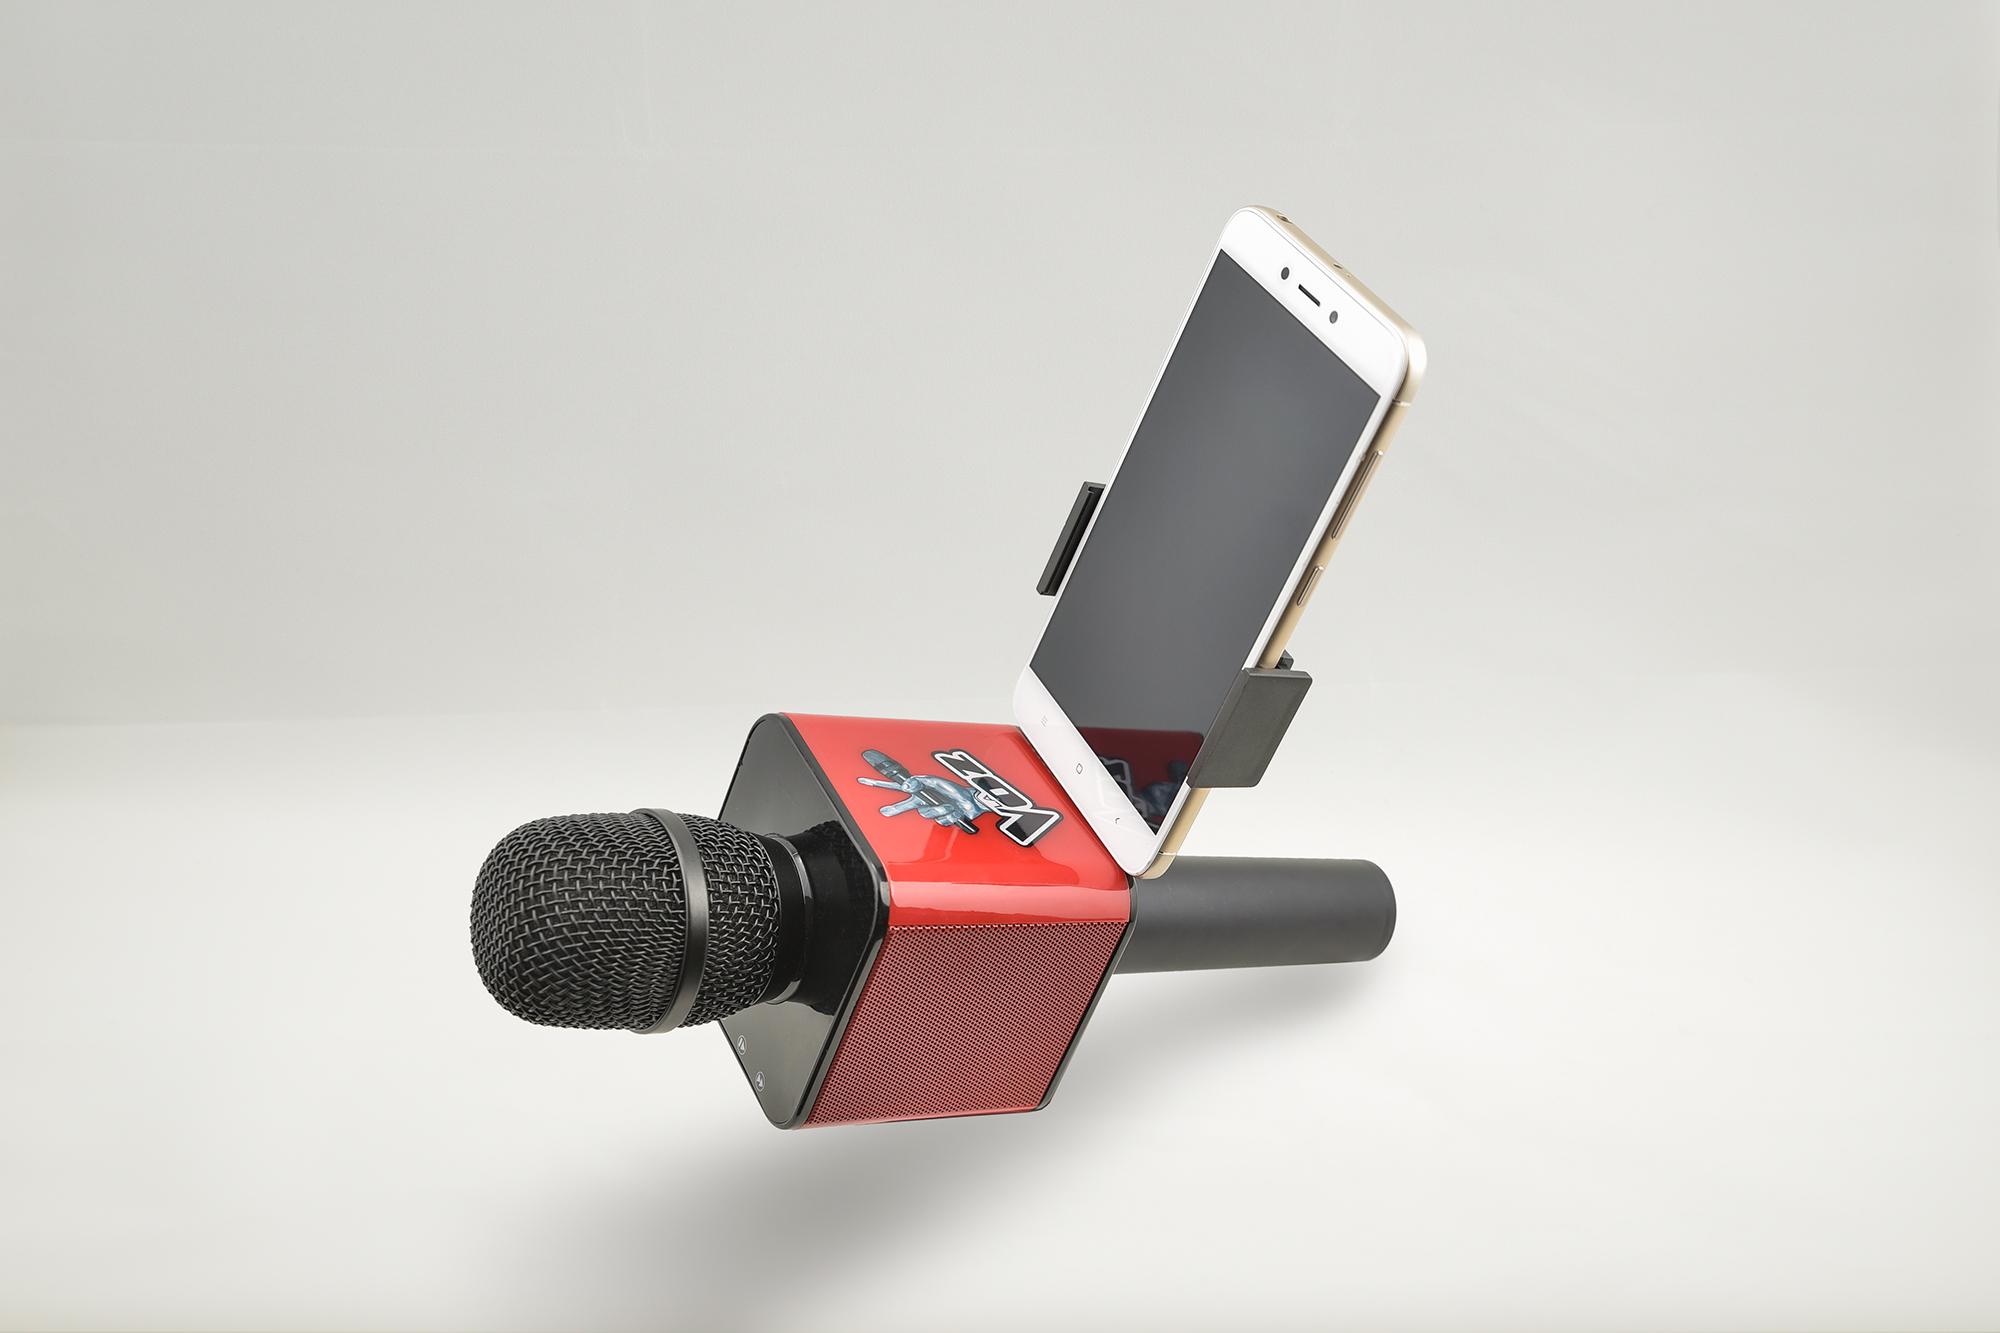 Soporte para el móvil smartphone lo vemos en el unboxing del micrófono Karaoke de La Voz de Antena 3